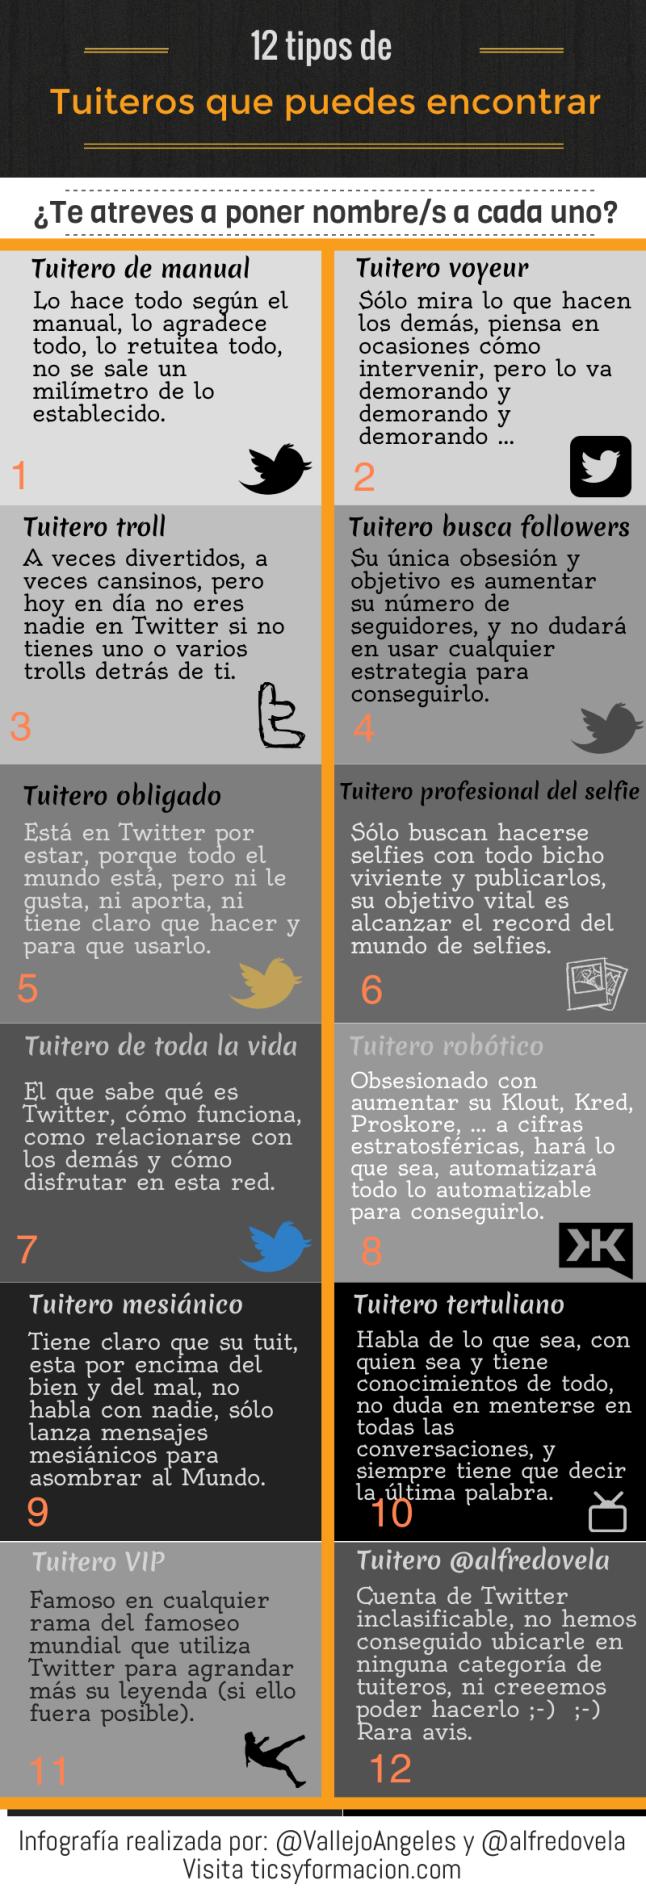 12 tipos de tuiteros que nos podemos encontrar